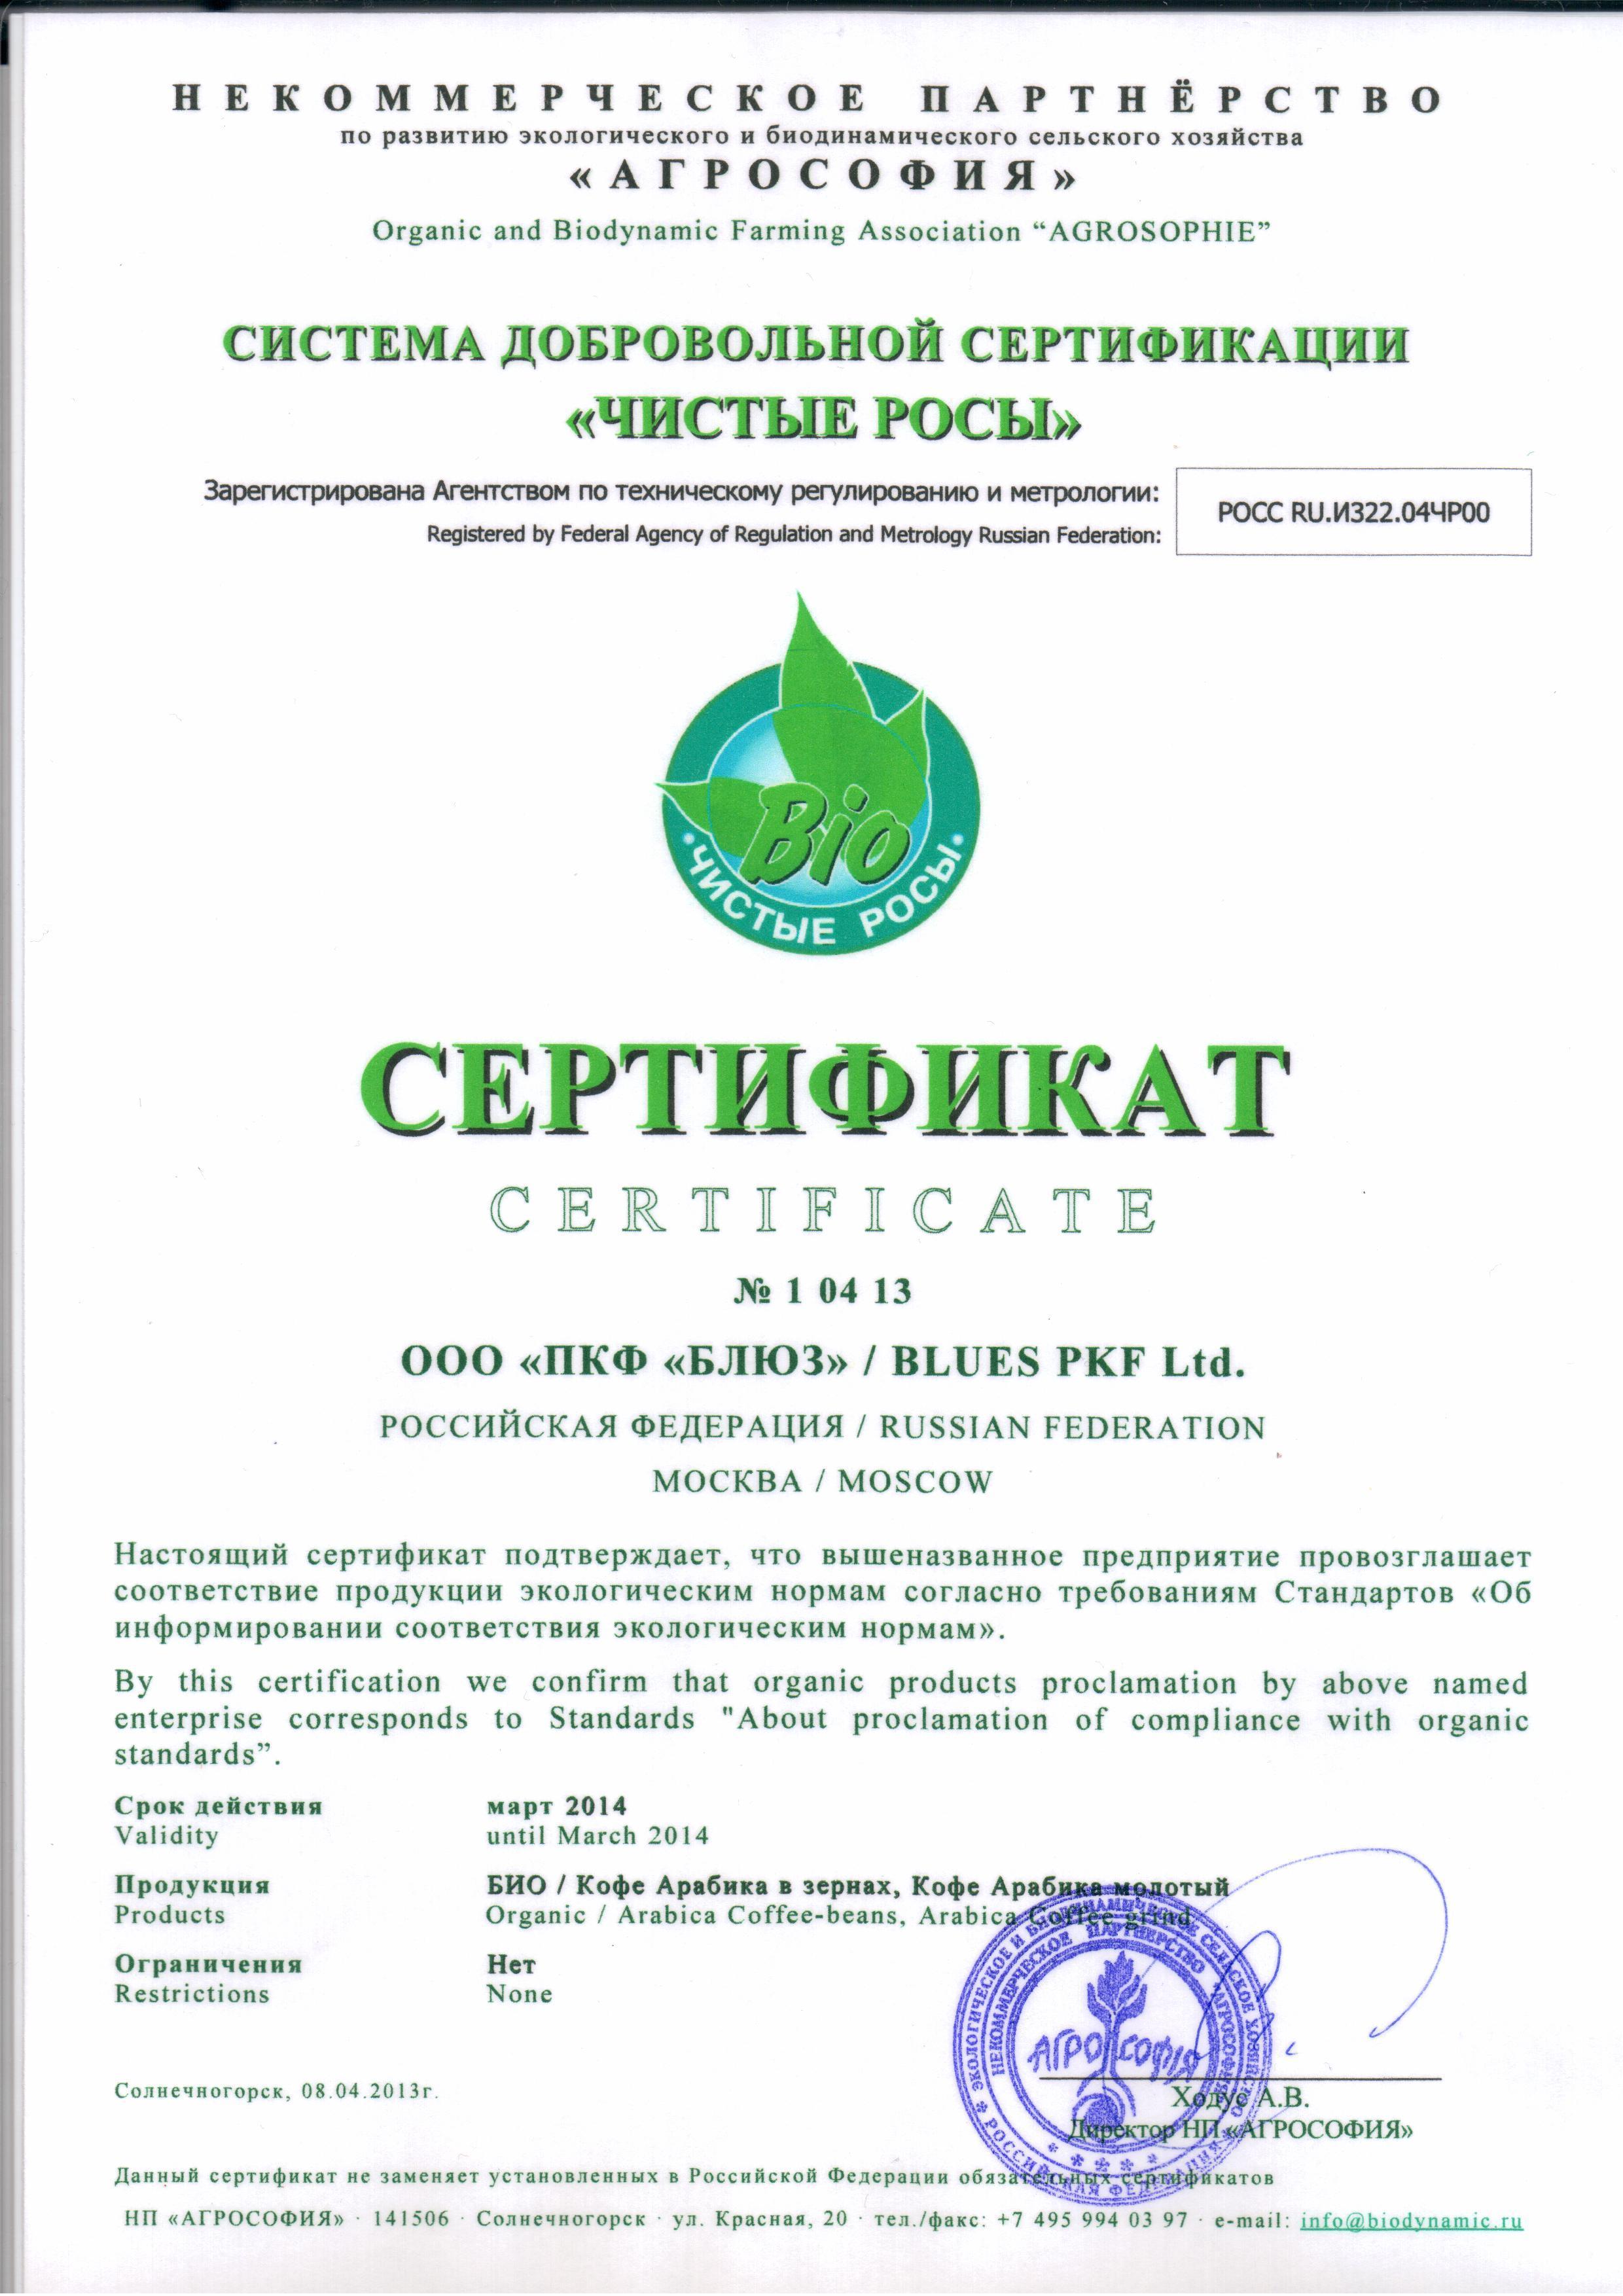 2012 05 23 БЛЮЗ Сертификат Чистые Росы singed